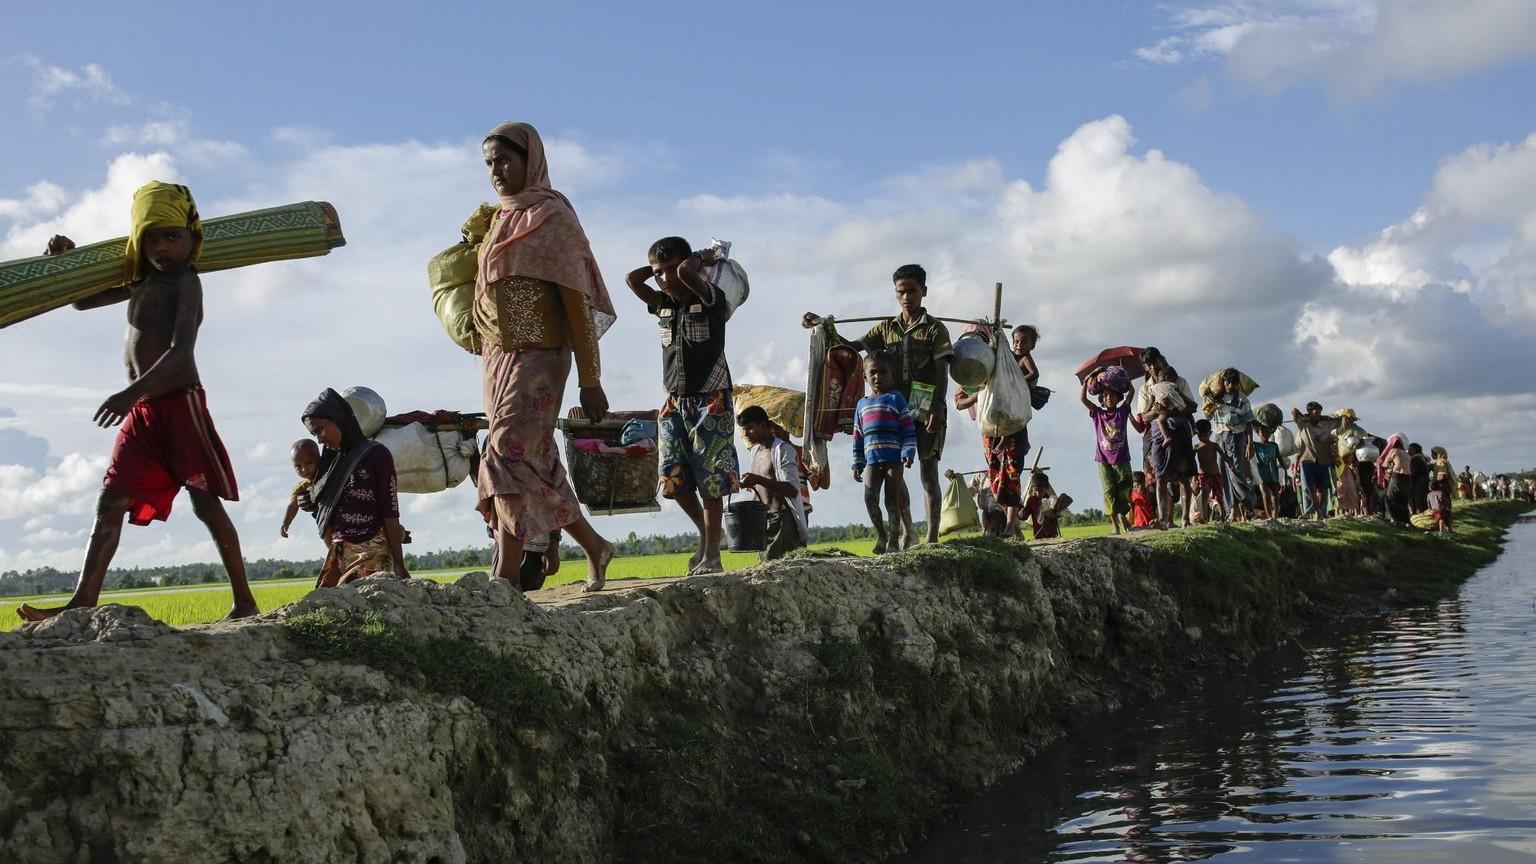 Mianmari rohingja családok holmijukkal gyalogolnak a bangladesi Naf folyó partján, Palongkhali térségében 2017. október 9-én. Az augusztus 25-i arakáni erőszakhullám elől több mint félmillió muszlim rohingja menekült el a többségében buddhisták lakta Mianmarból. A Nemzetközi Migrációs Szervezet, az IOM szerint mintegy 300 ezer menekült a szabad ég alatt száll meg. (MTI/EPA/Abir Abdullah)